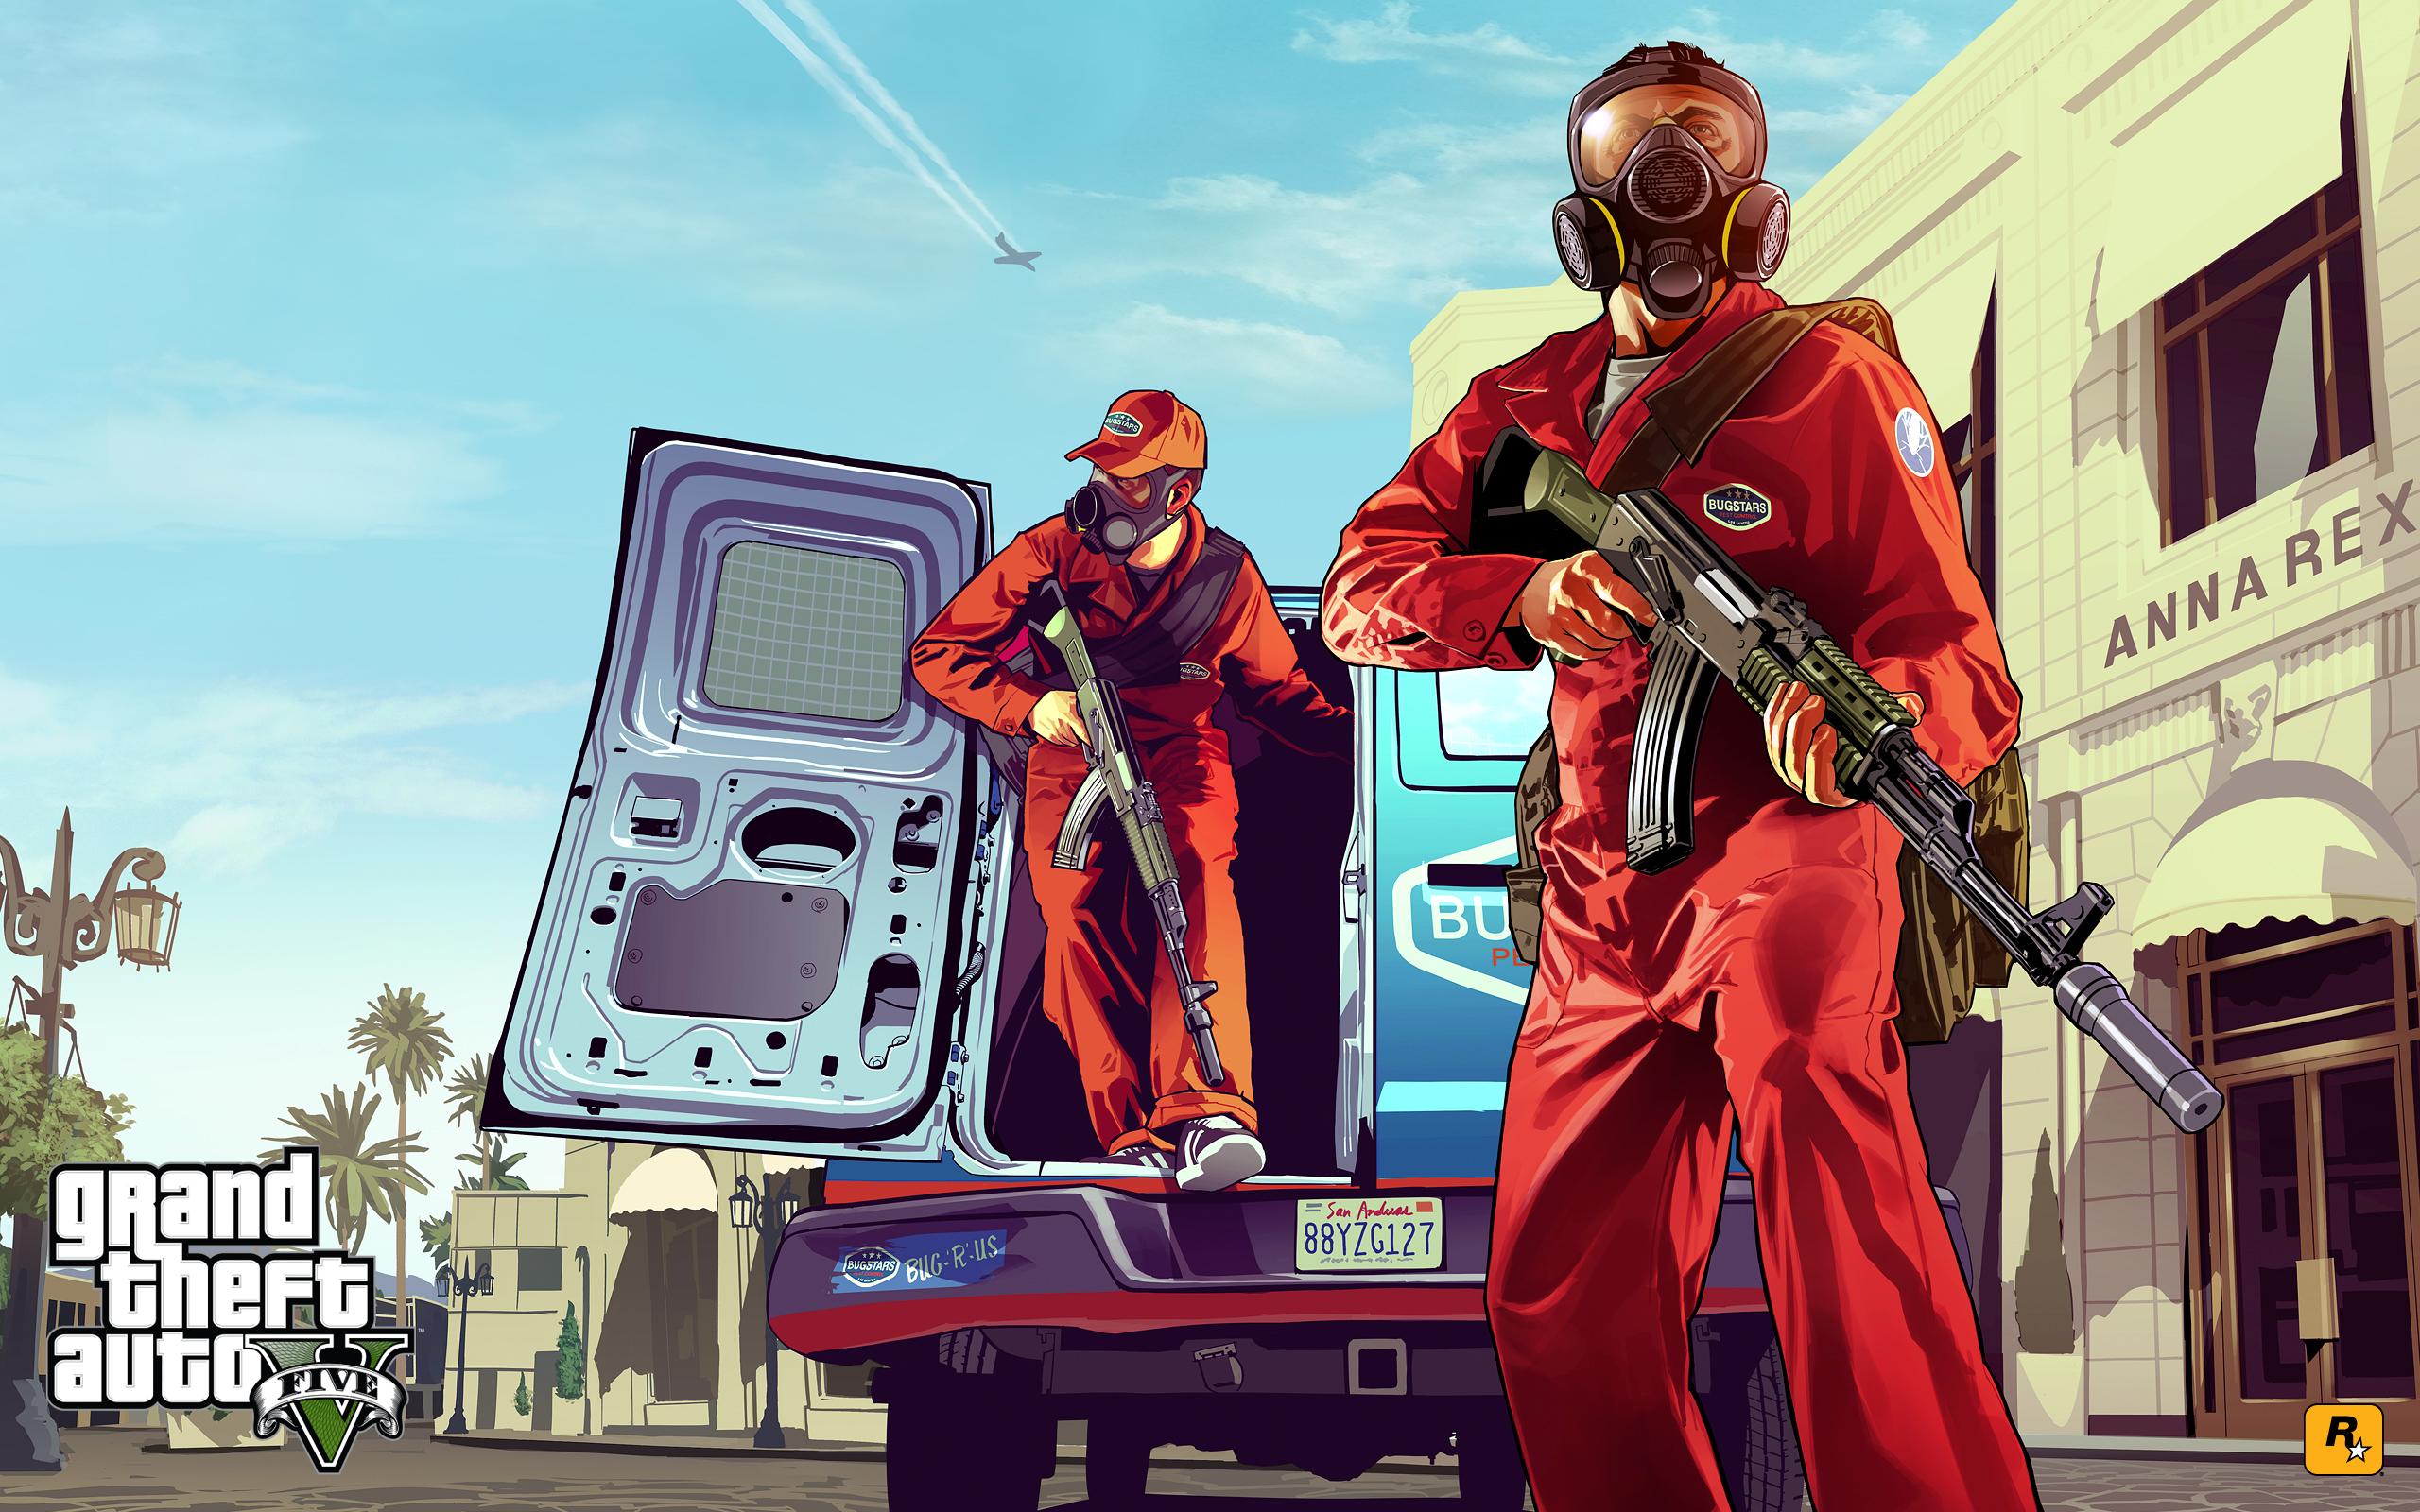 игровой арт Grand Theft Auto V Gta Riotpixels